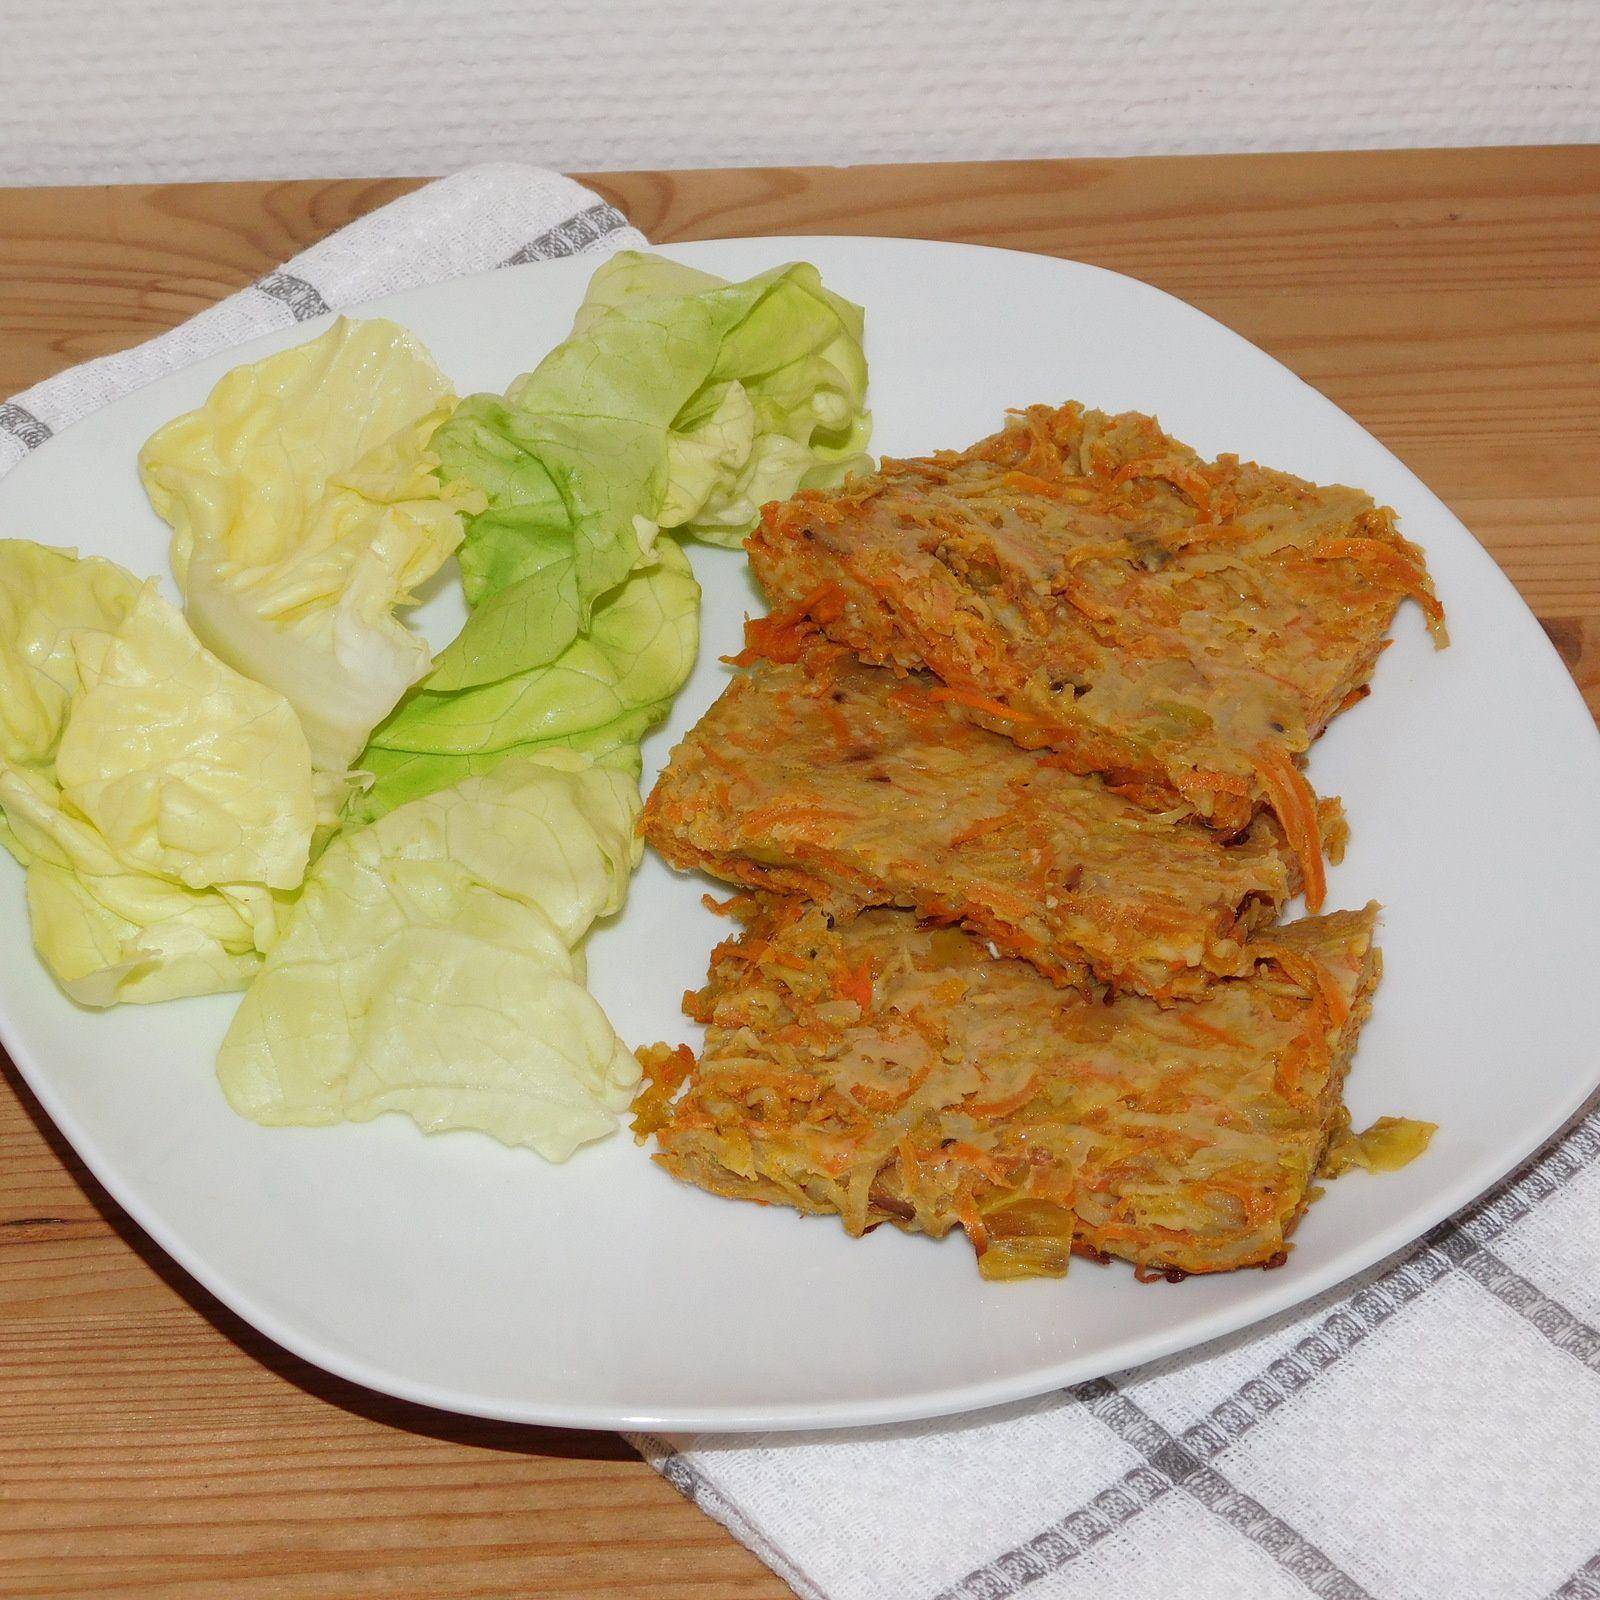 Râpé de carottes-pommes de terre-poireaux.